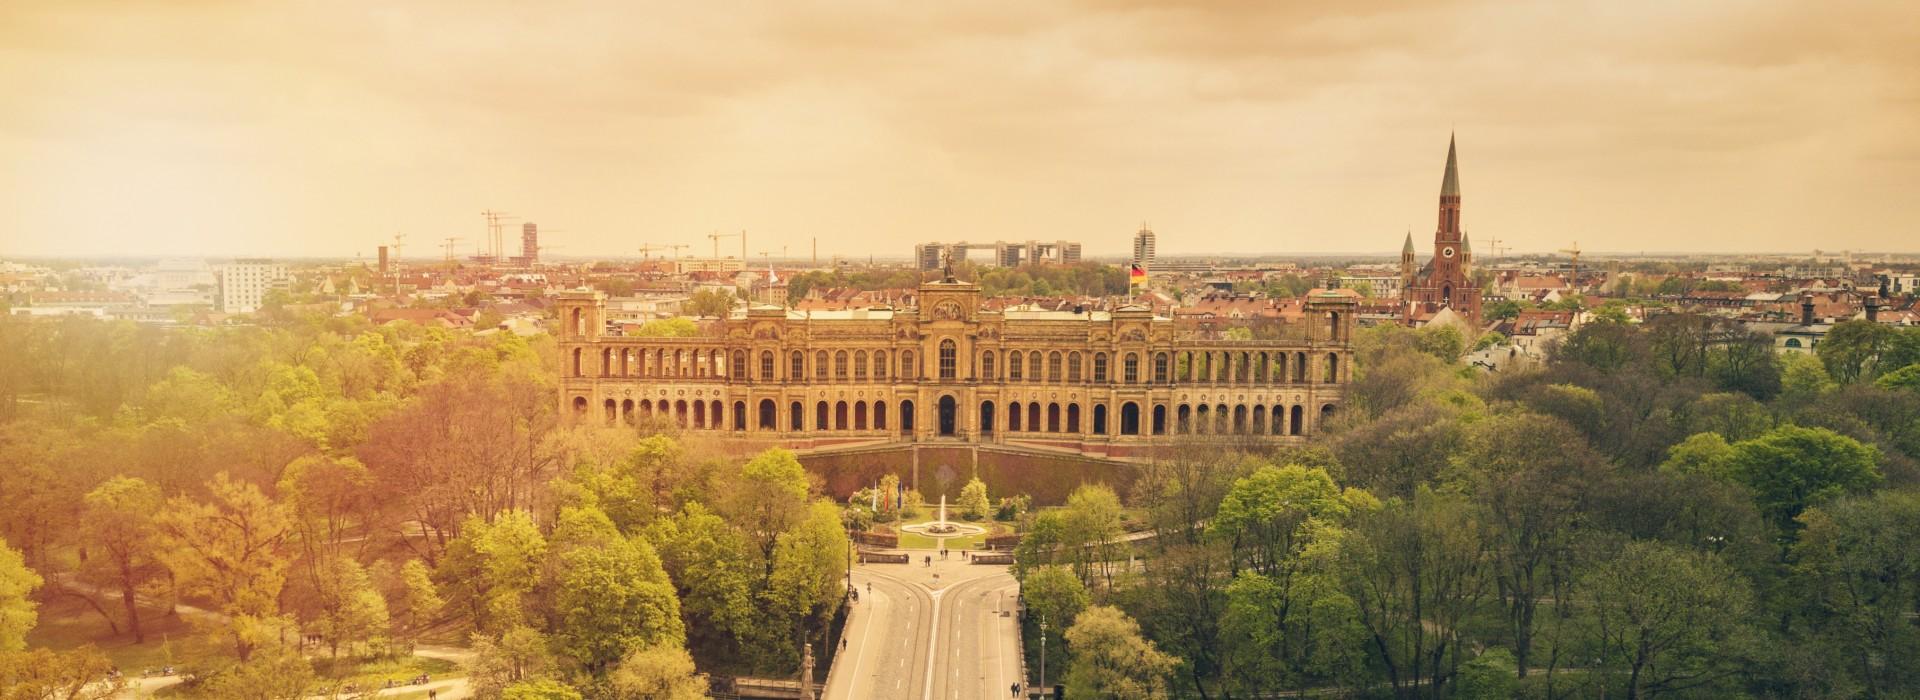 The Maximilianeum